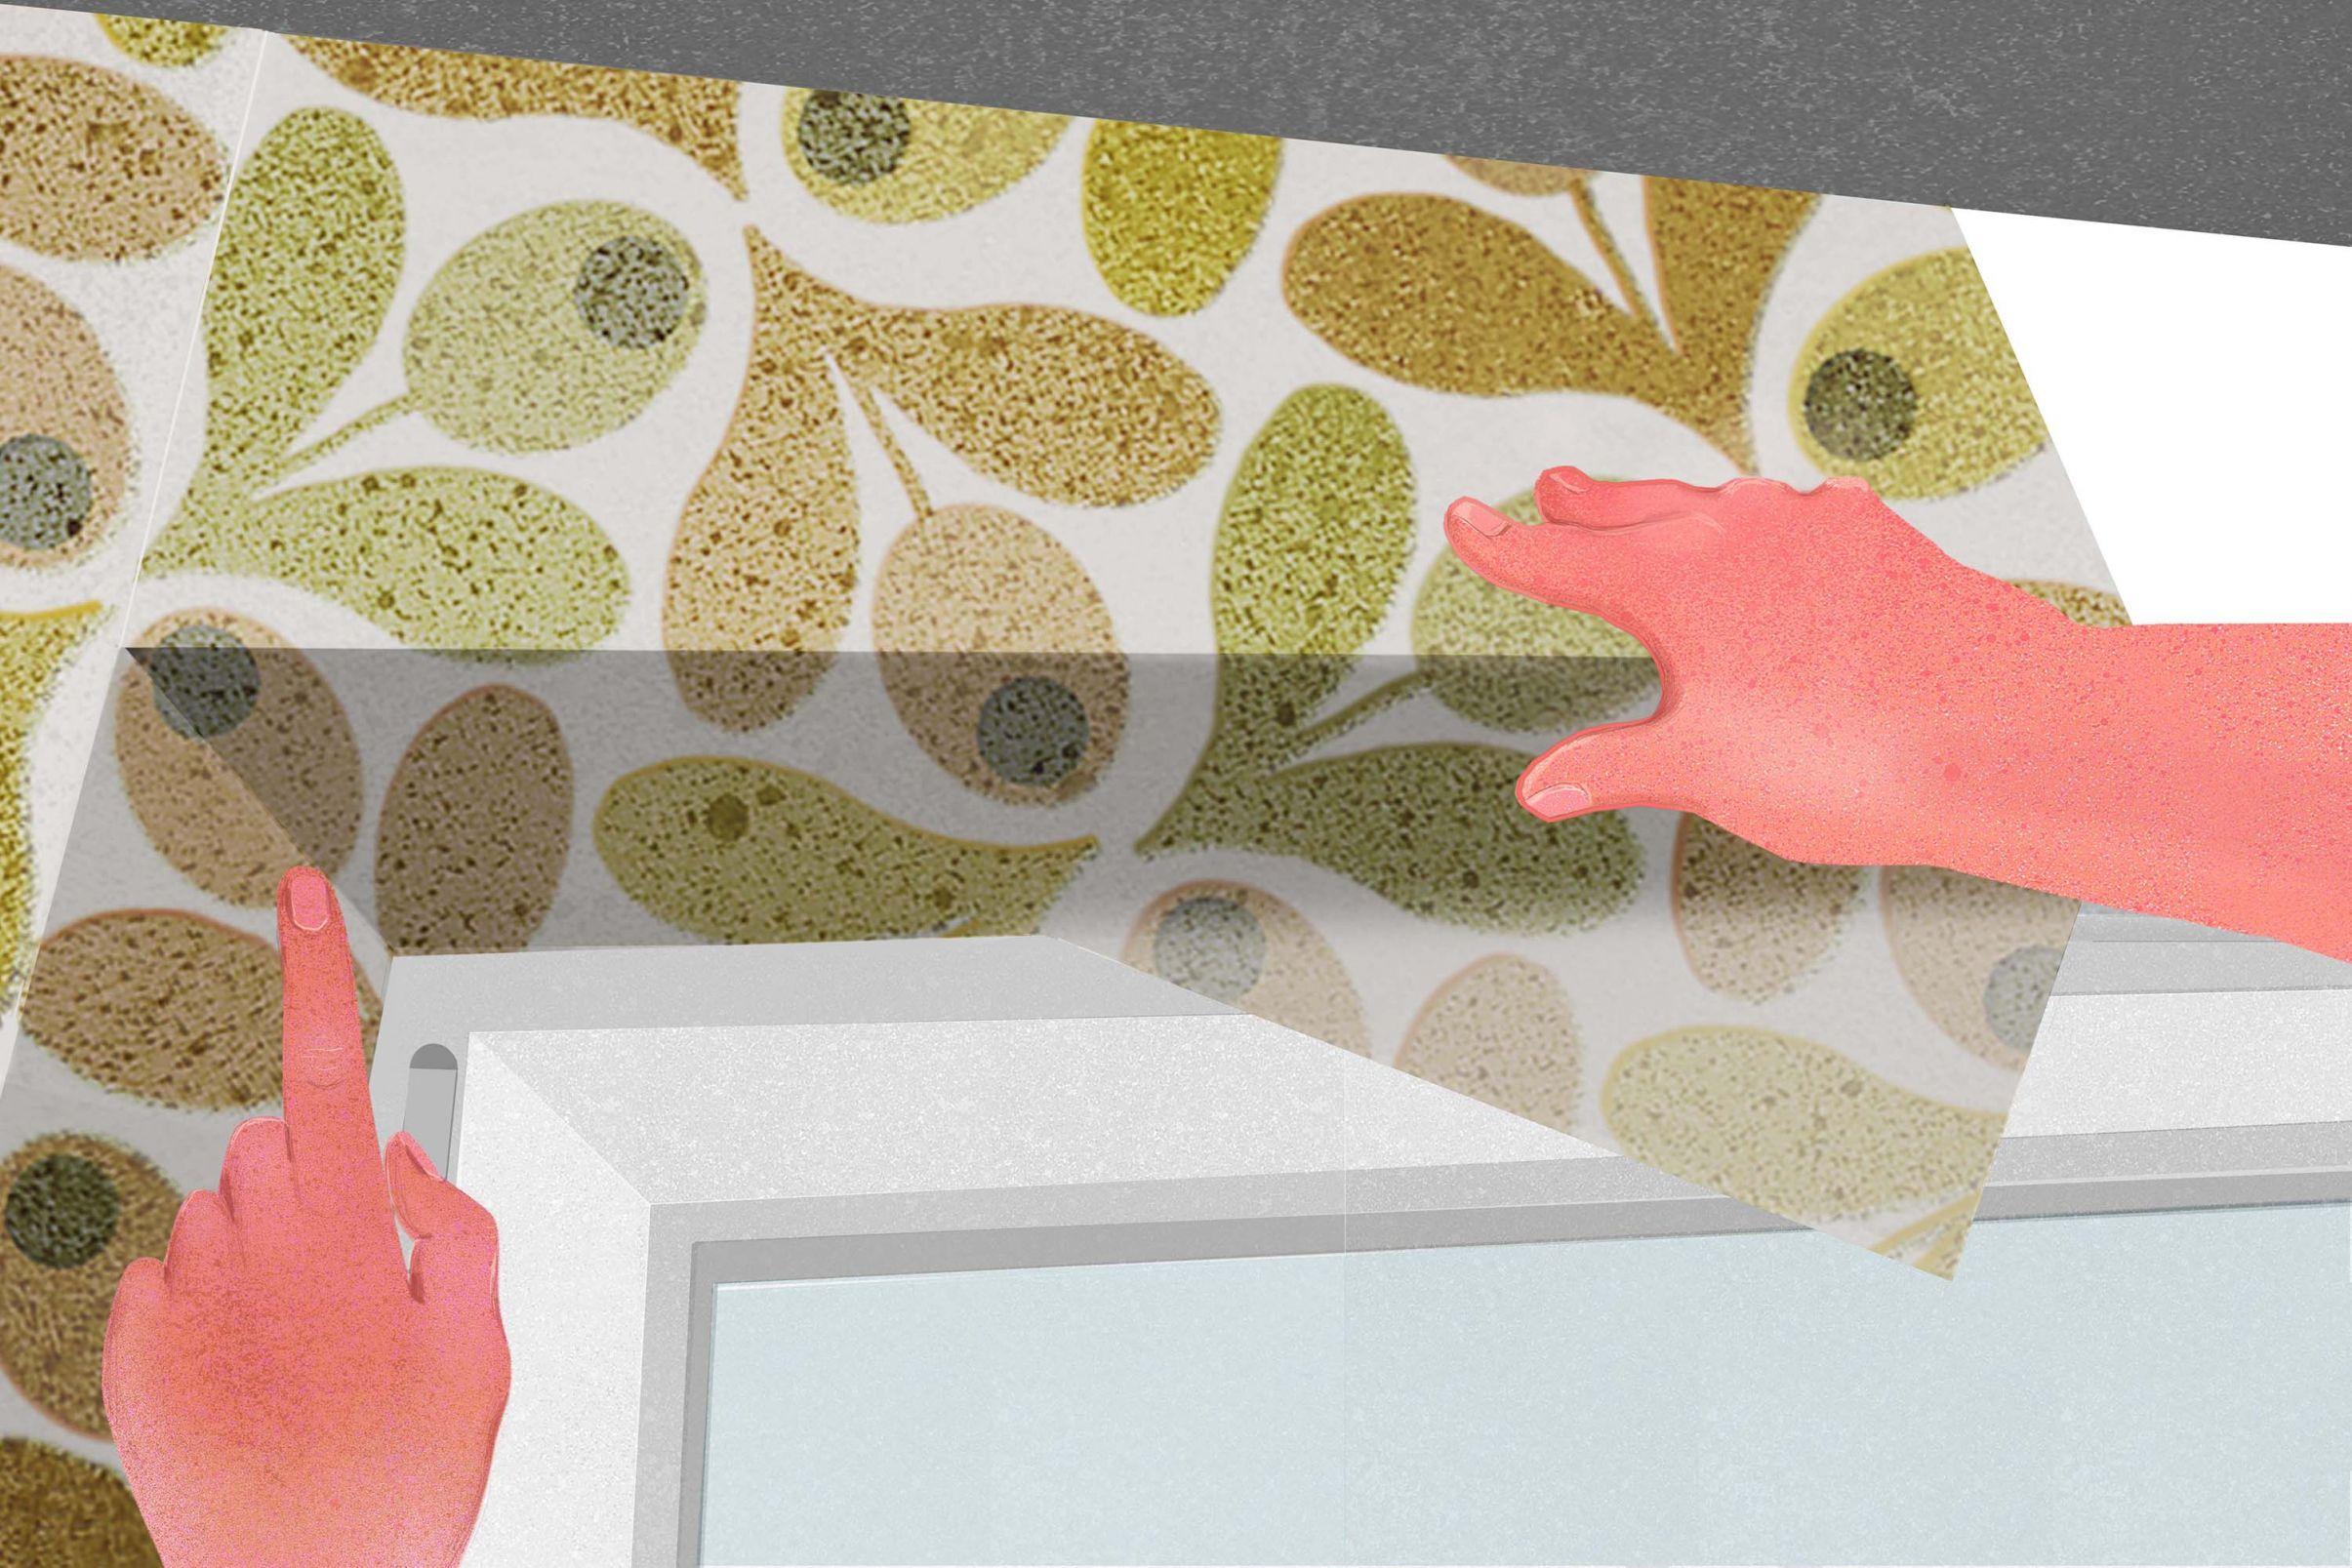 Come-posare-la-carta-da-parati-attorno-a-porte-e-finestre-Posare-il-primo-telo-di-carta-da-parati-con-un-eccedenza-sopra-la-finestra